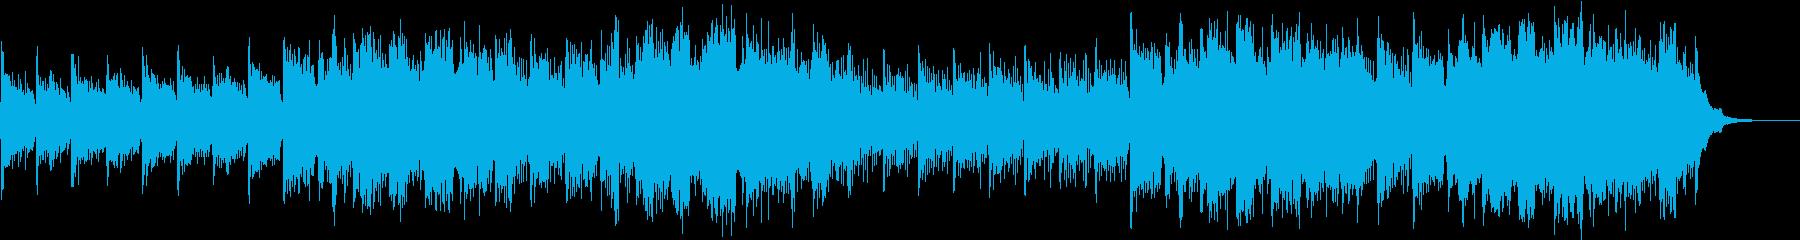 笛+バイオリン+アコギ ノスタルジックの再生済みの波形